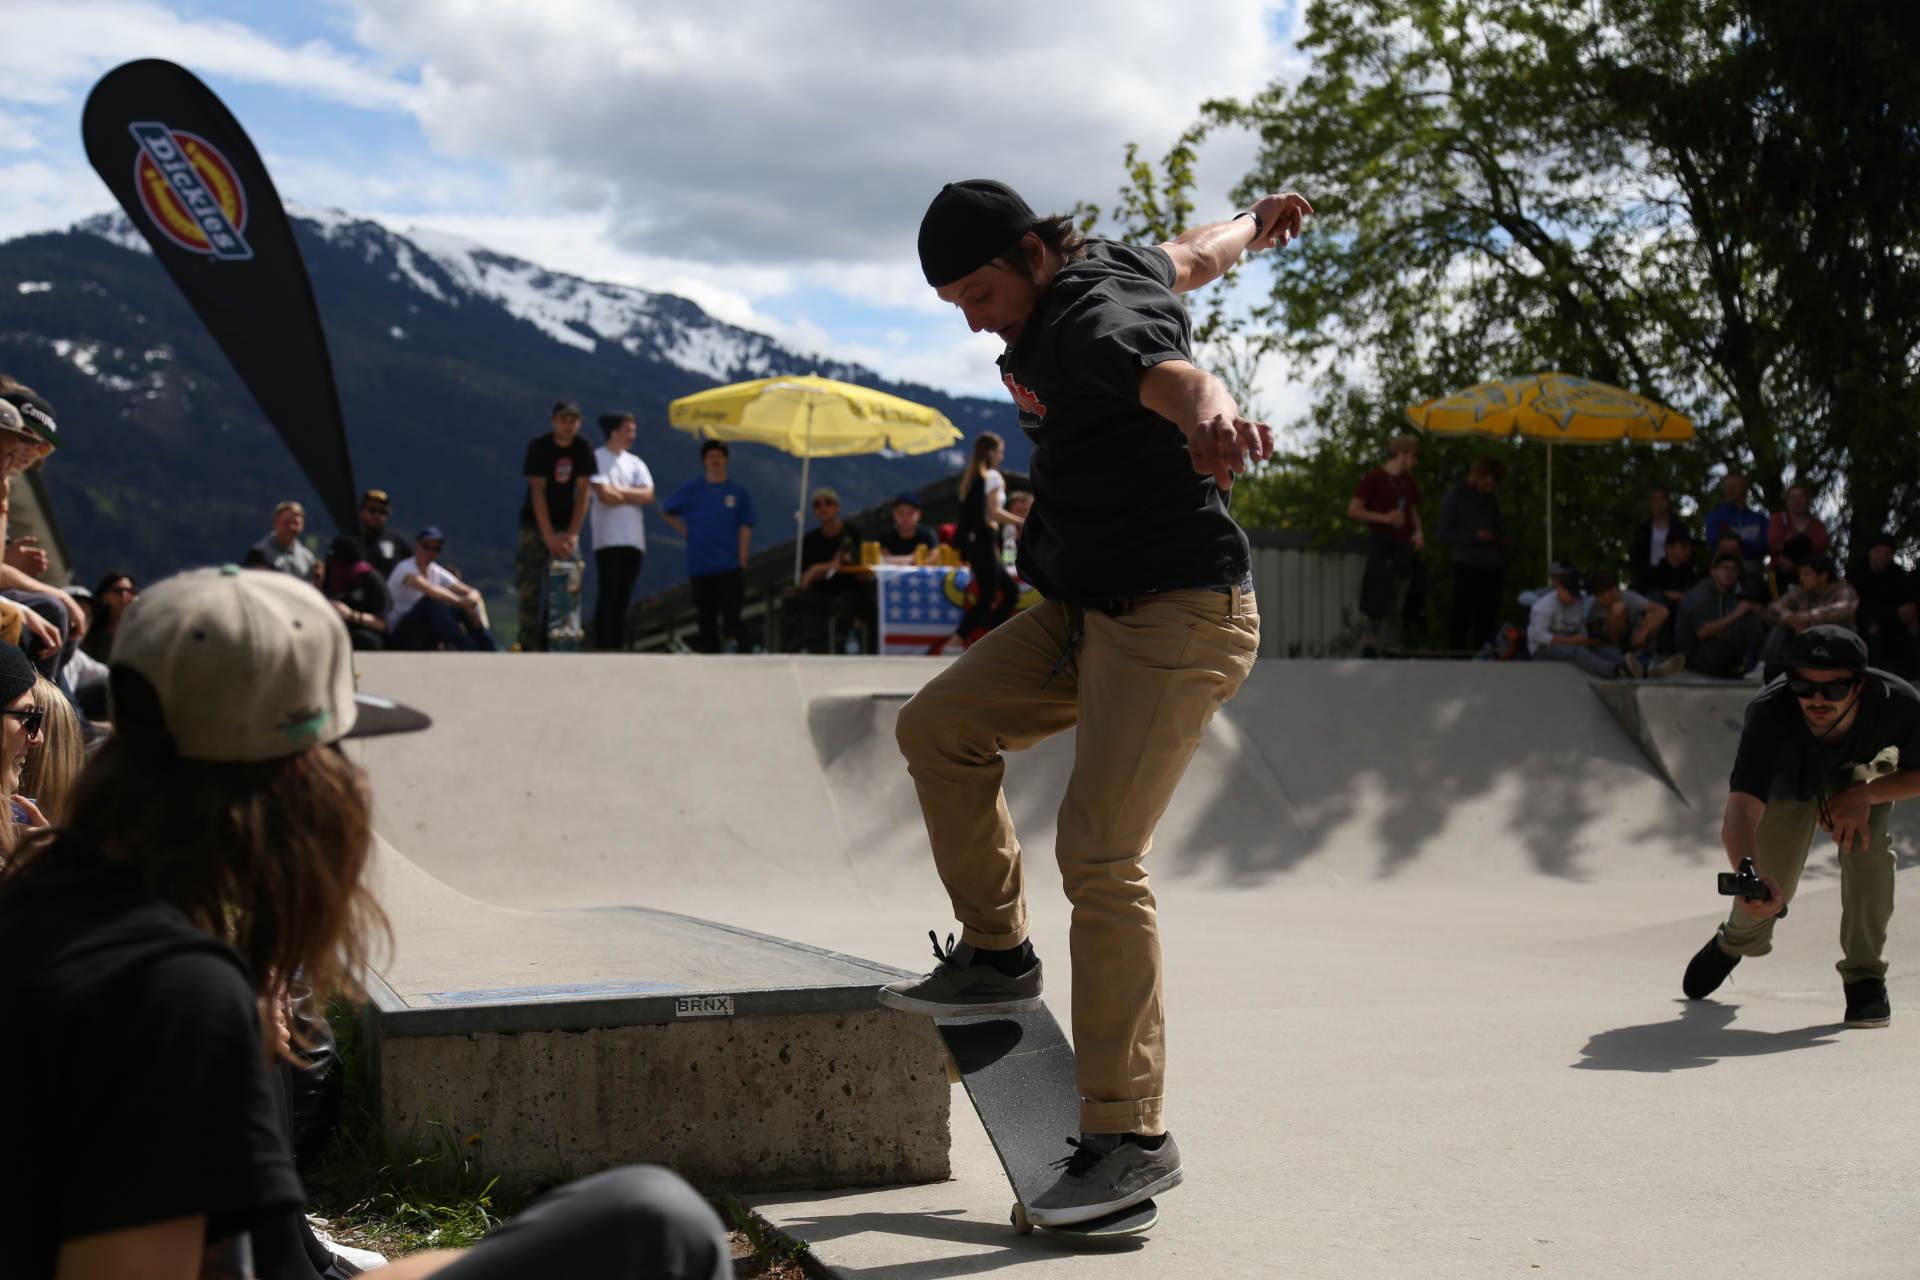 skateboard headz fieberbrunn kgt kitz gau trophy 2019 saalfelden hell00066